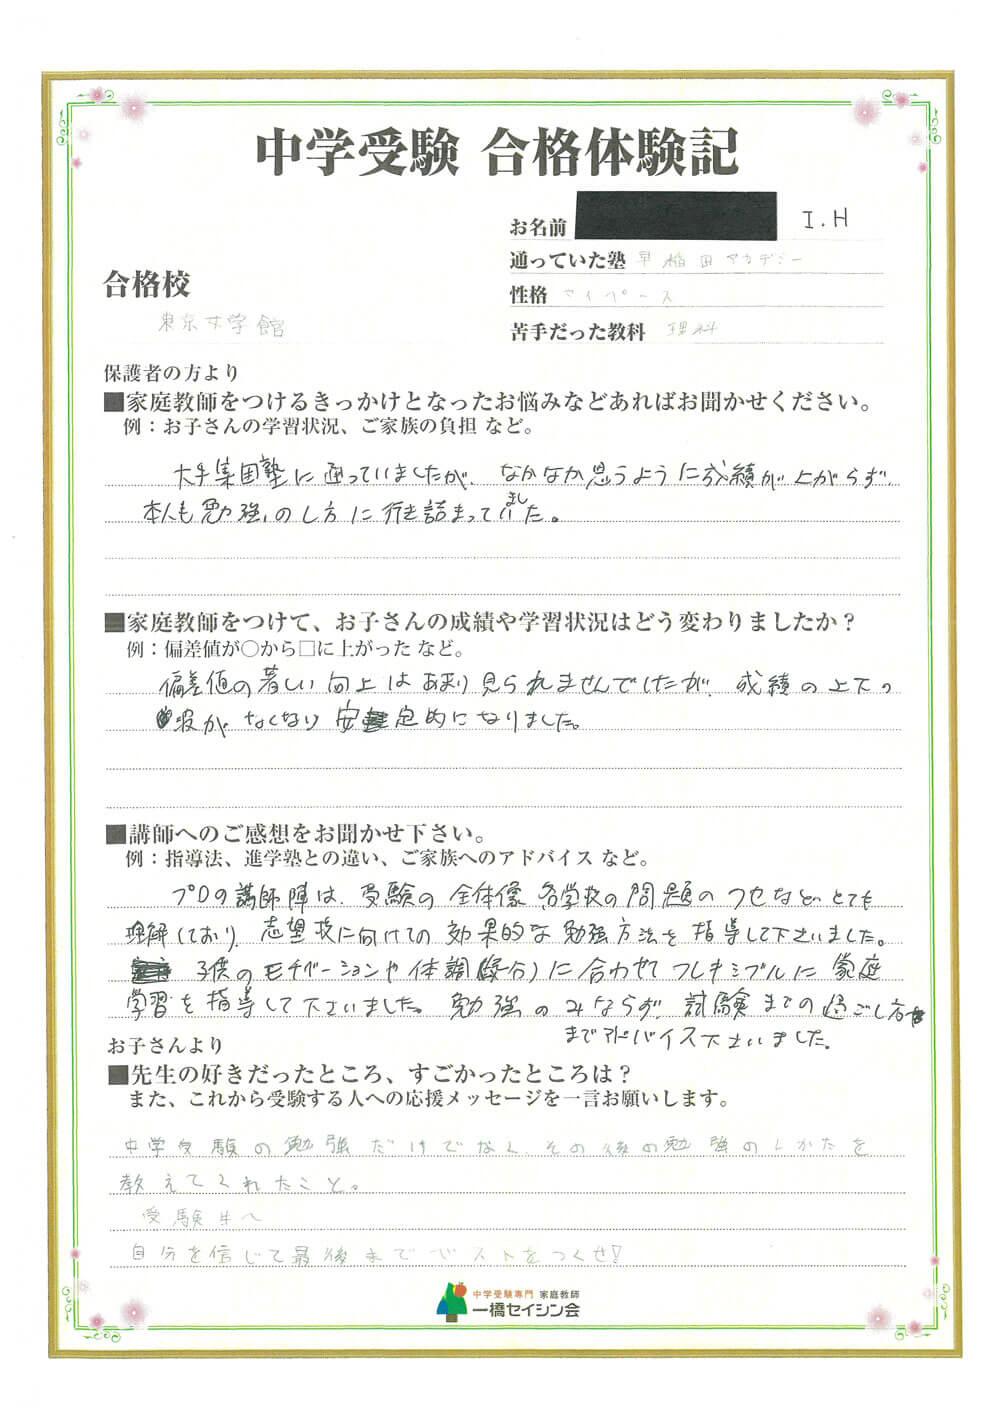 落ち クラス 早稲田 アカデミー